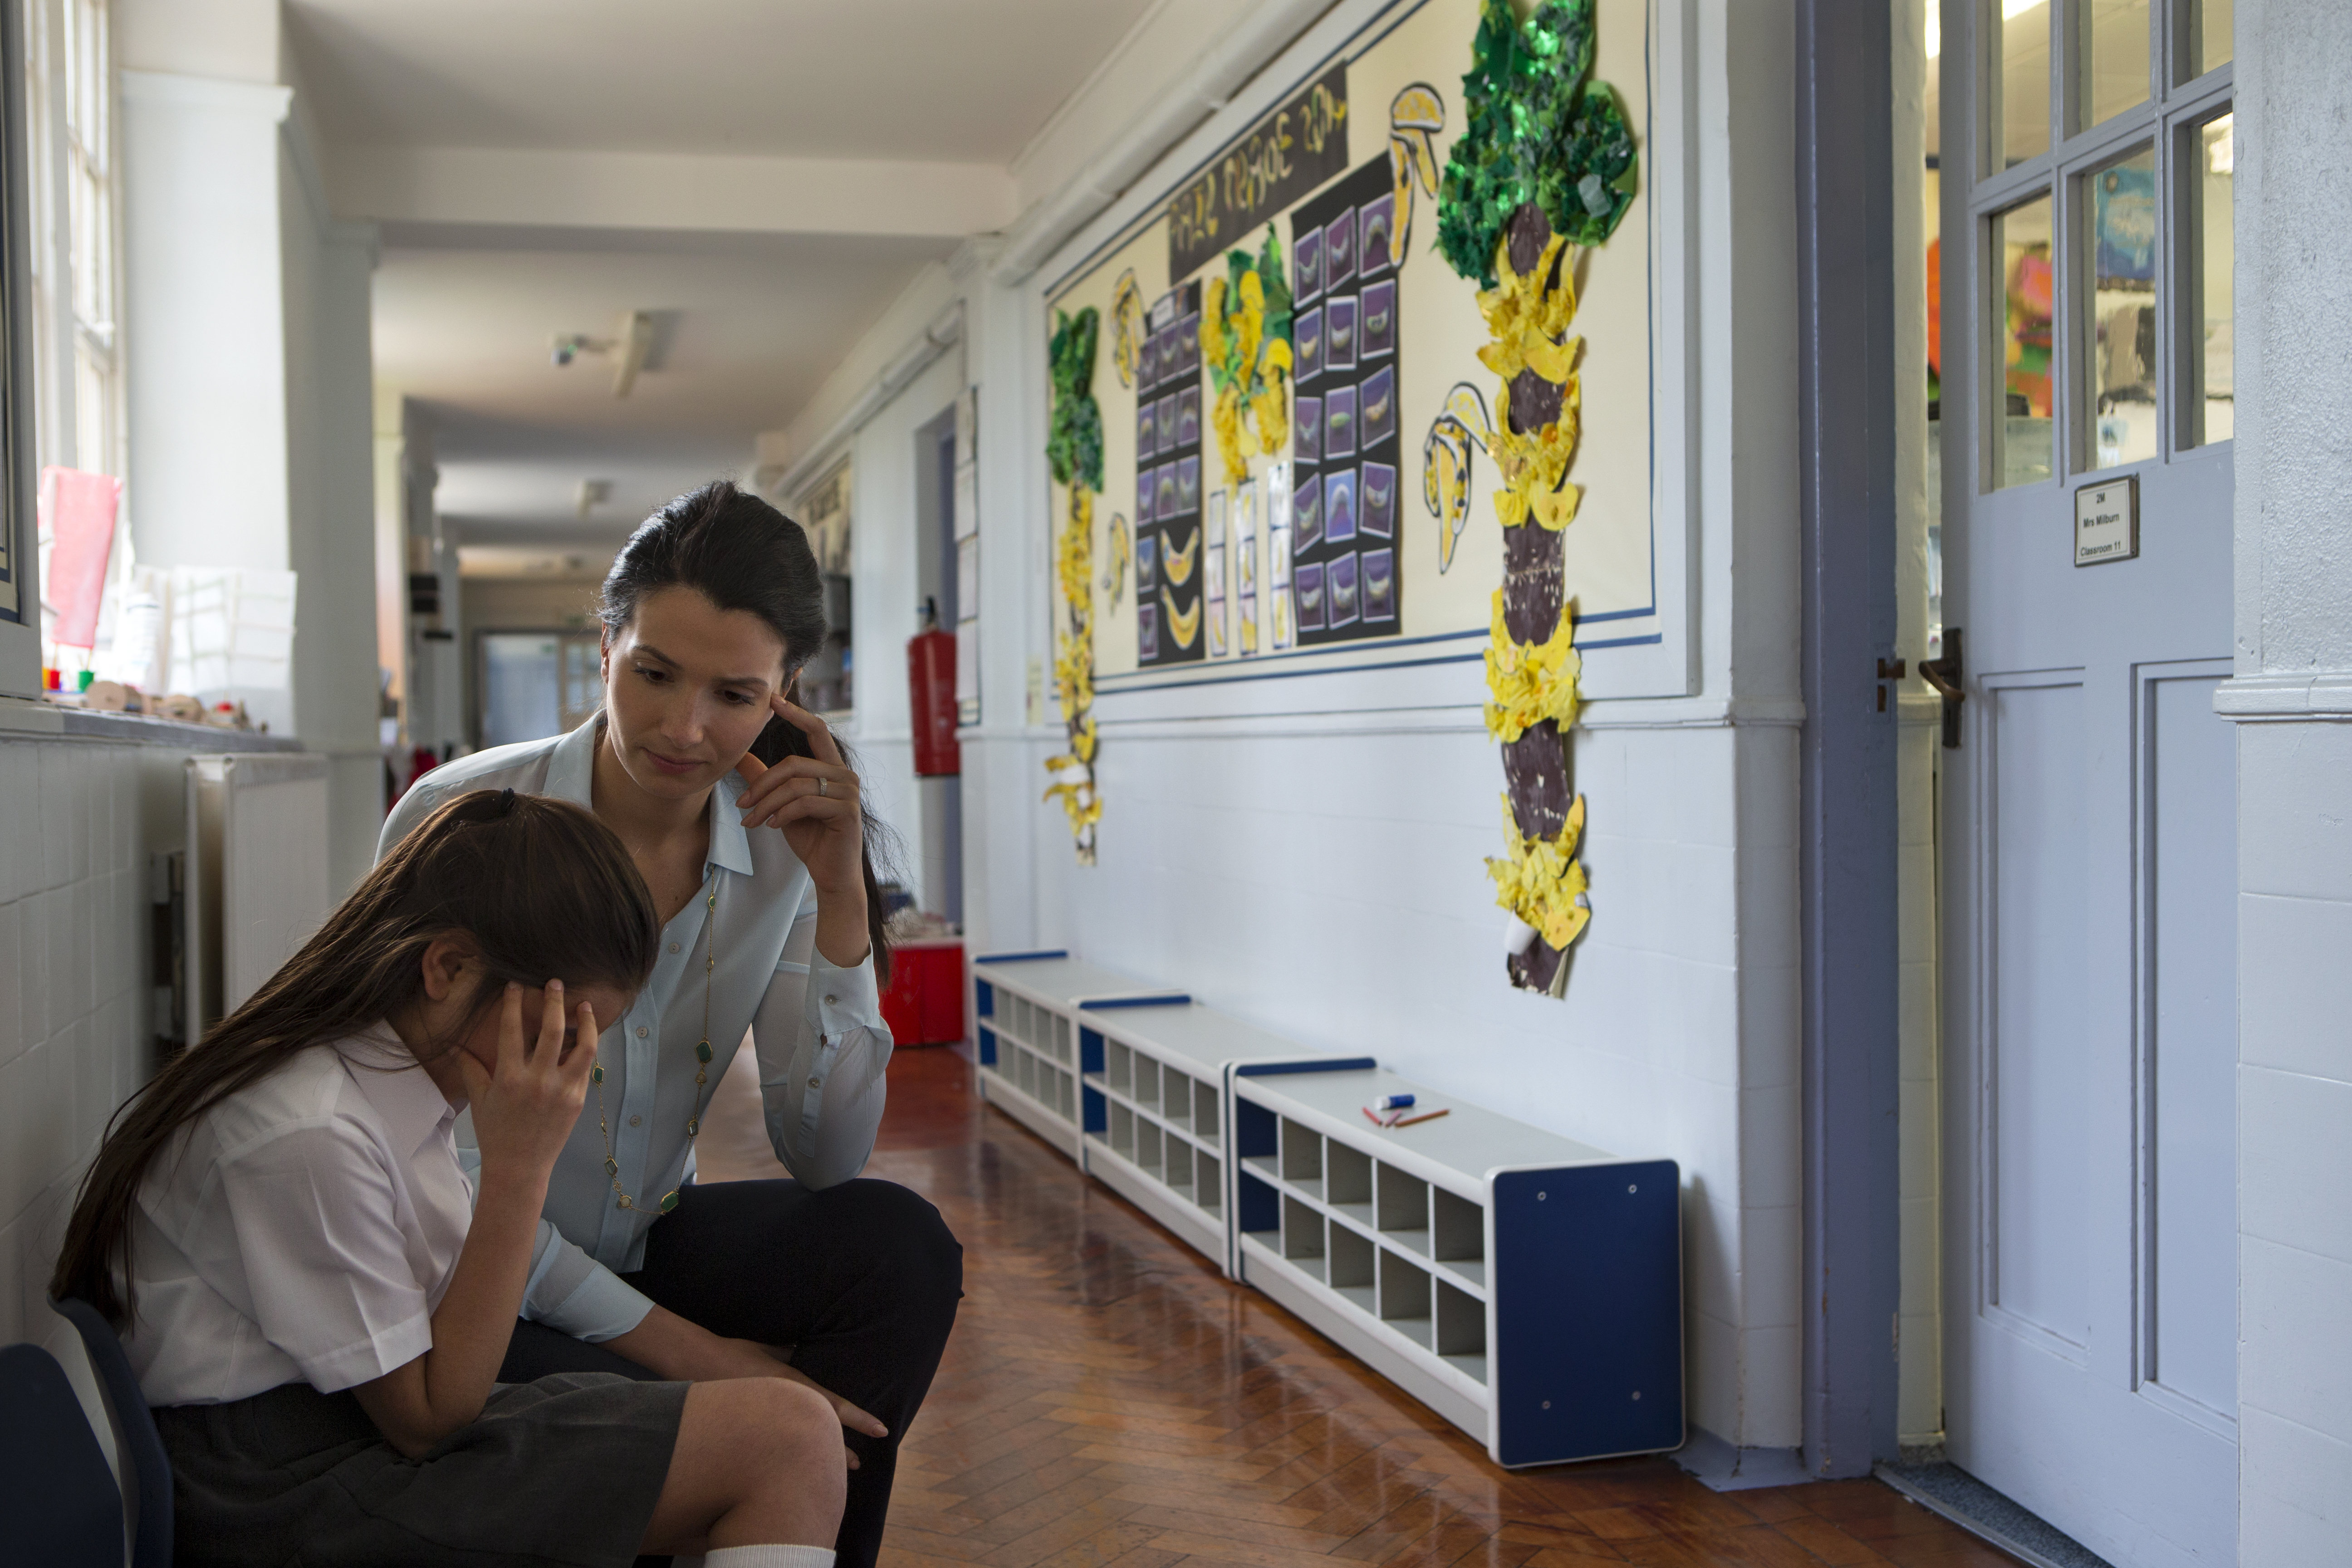 Skolpersonalen bör kontinuerligt uppdateras kring hur man ska arbeta med mobbning och få möjlighet till vidareutbildning.